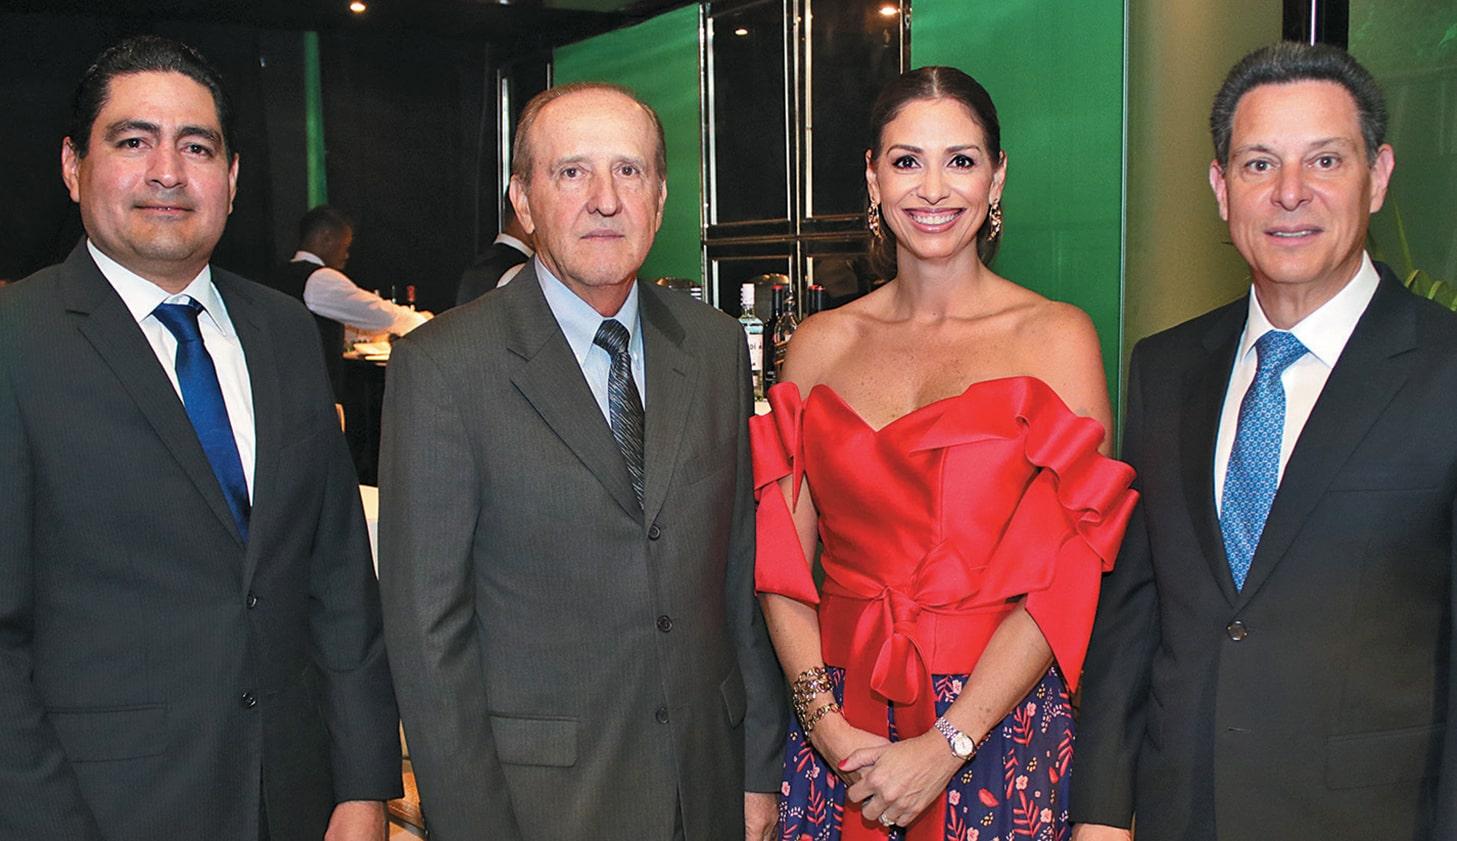 EMPRESARIALES EVENTOS  | Internacional de Seguros celebró sus 110 años asegurando a Panamá